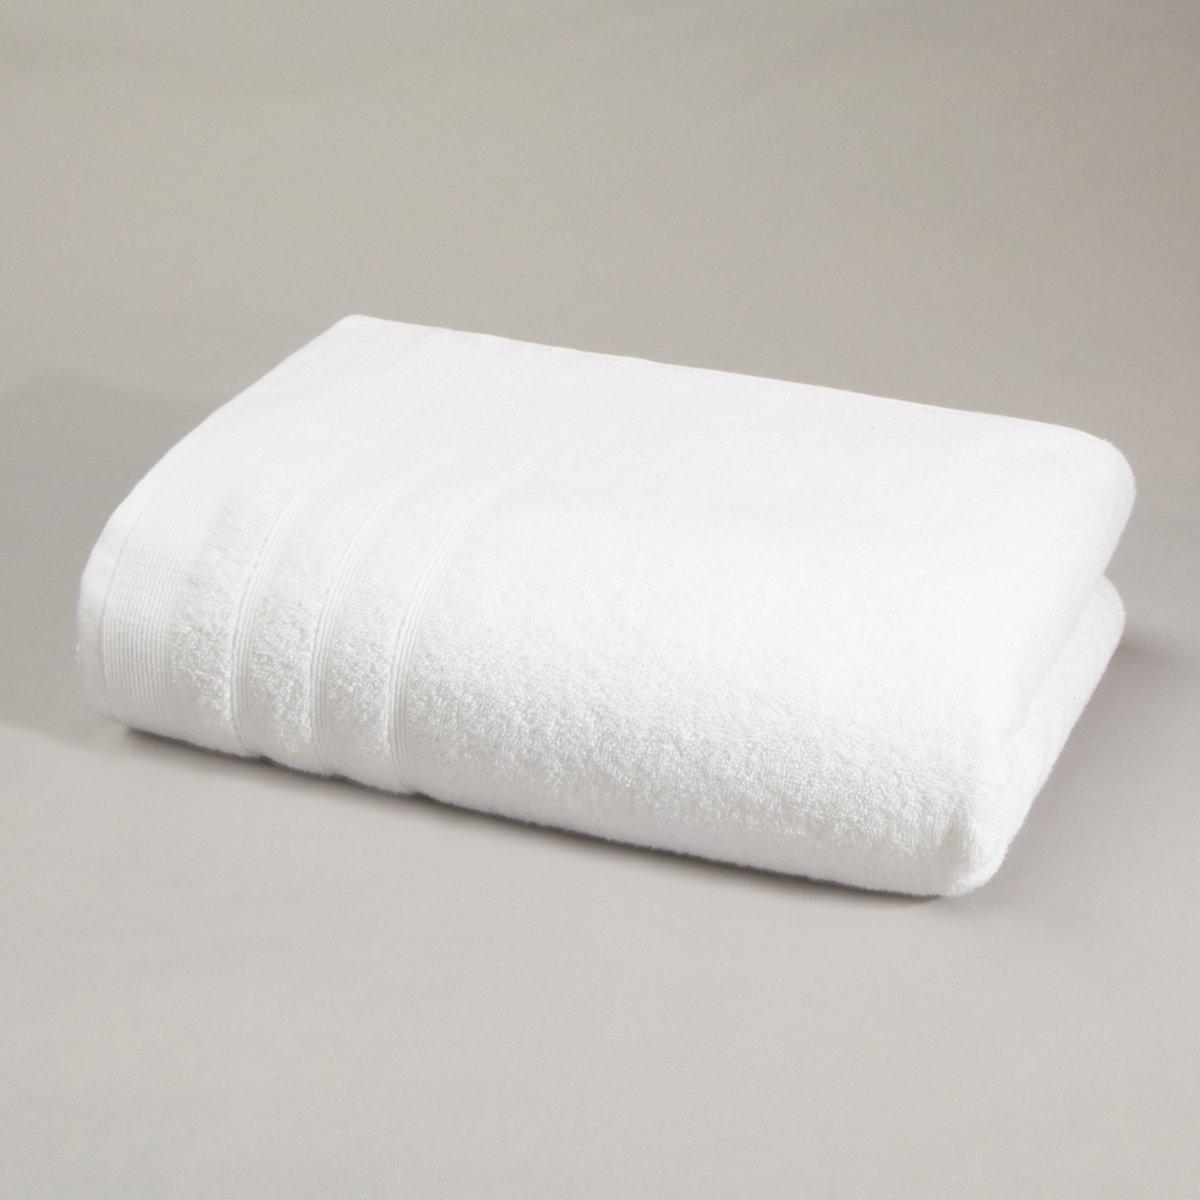 Полотенце банное 600 г/м?, Качество BestОписание большого  банного полотенца :Качество BEST.Махровая ткань 100 % хлопка. Машинная стирка при 60°.Размеры большого банного полотенца:100 x 150 см.<br><br>Цвет: бежевый,белый,гранатовый,зелено-синий,зеленый мох,светло-серый,светло-синий,Серо-синий,сине-зеленый,синий морской,темно-серый,фиолетовый,шафран<br>Размер: 100 x 150 cm